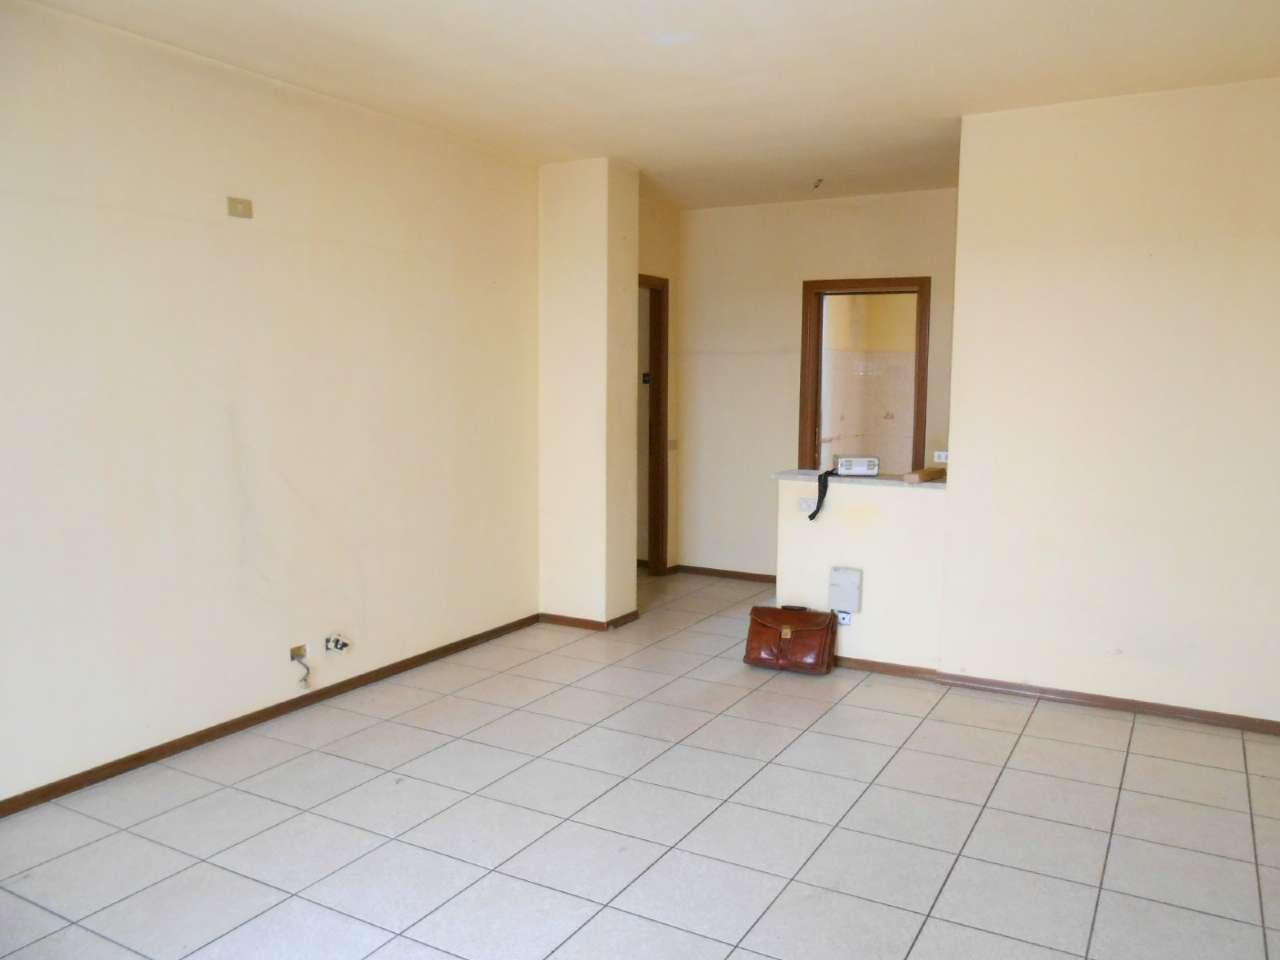 Appartamento in vendita a Spino d'Adda, 3 locali, prezzo € 95.000 | PortaleAgenzieImmobiliari.it